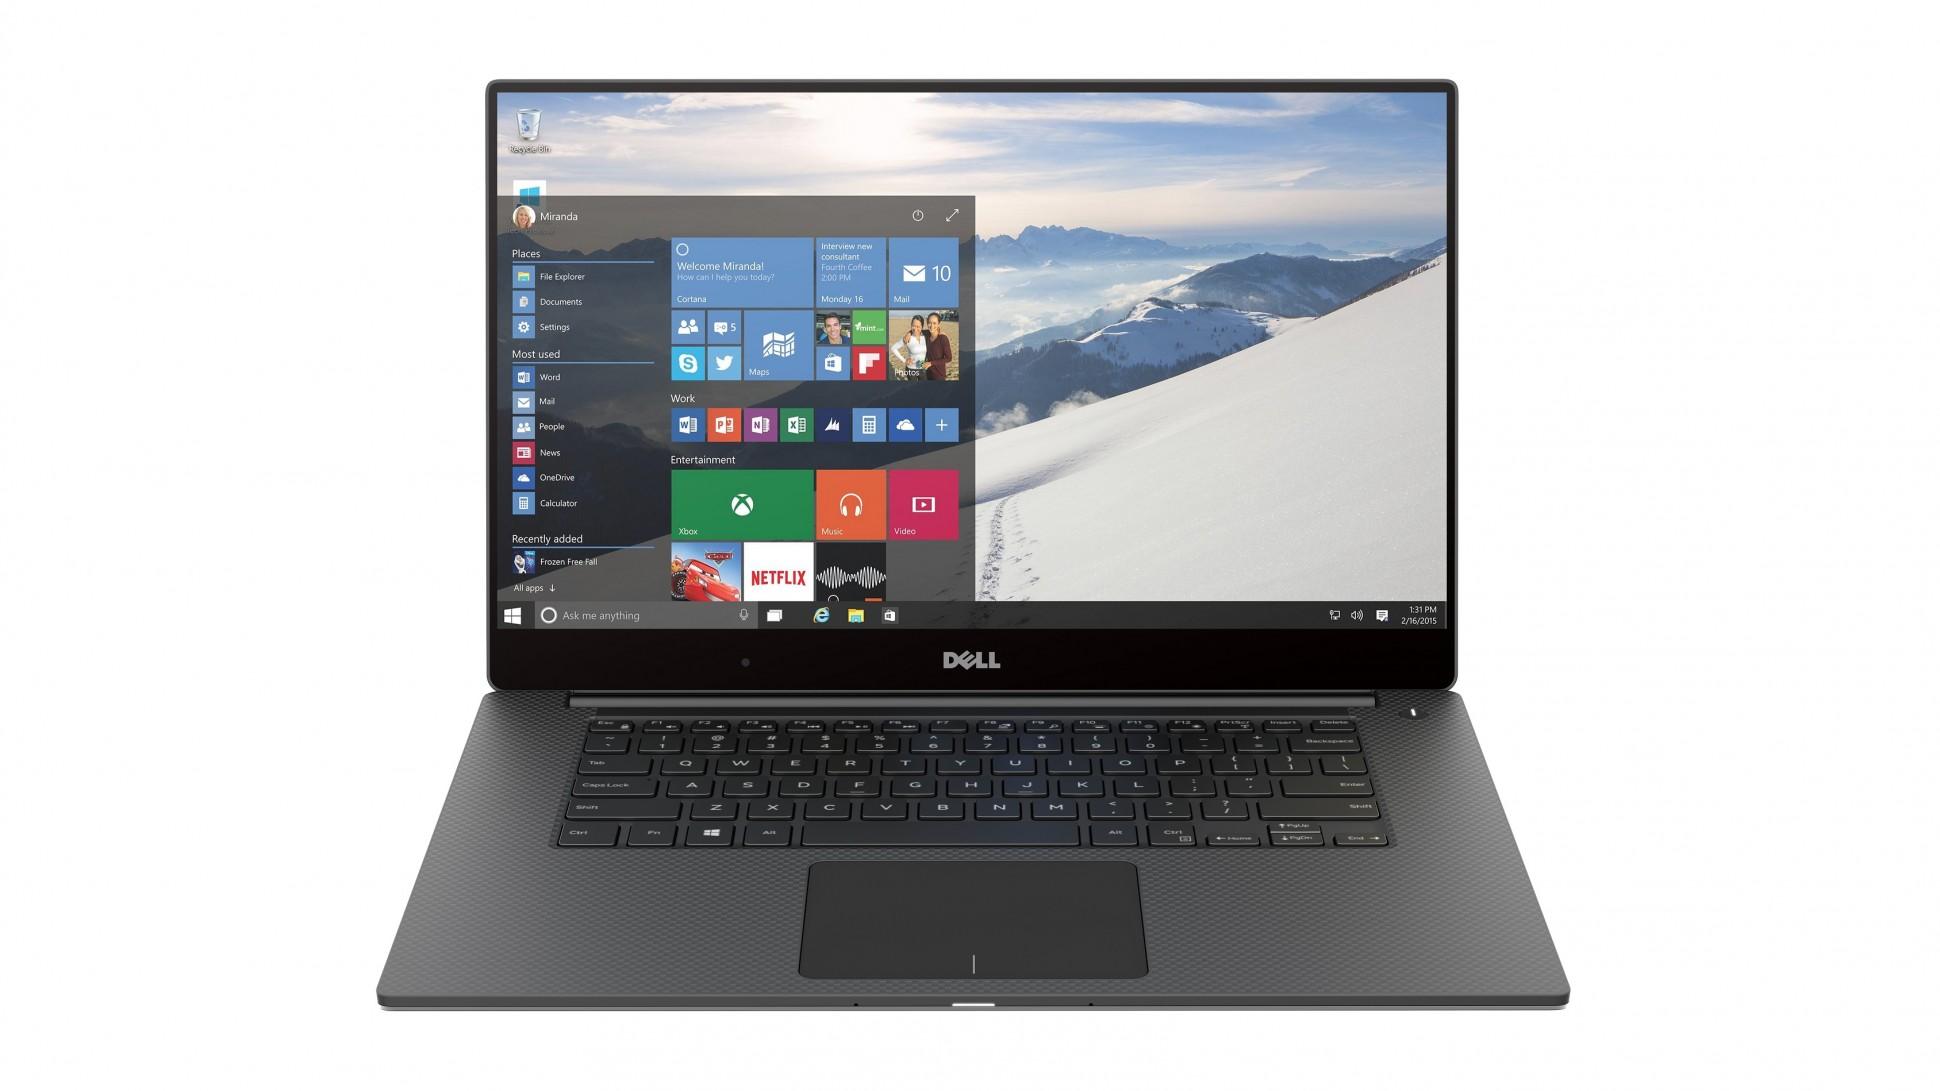 Dell inicia venda de equipamentos com Windows 10 no Brasil